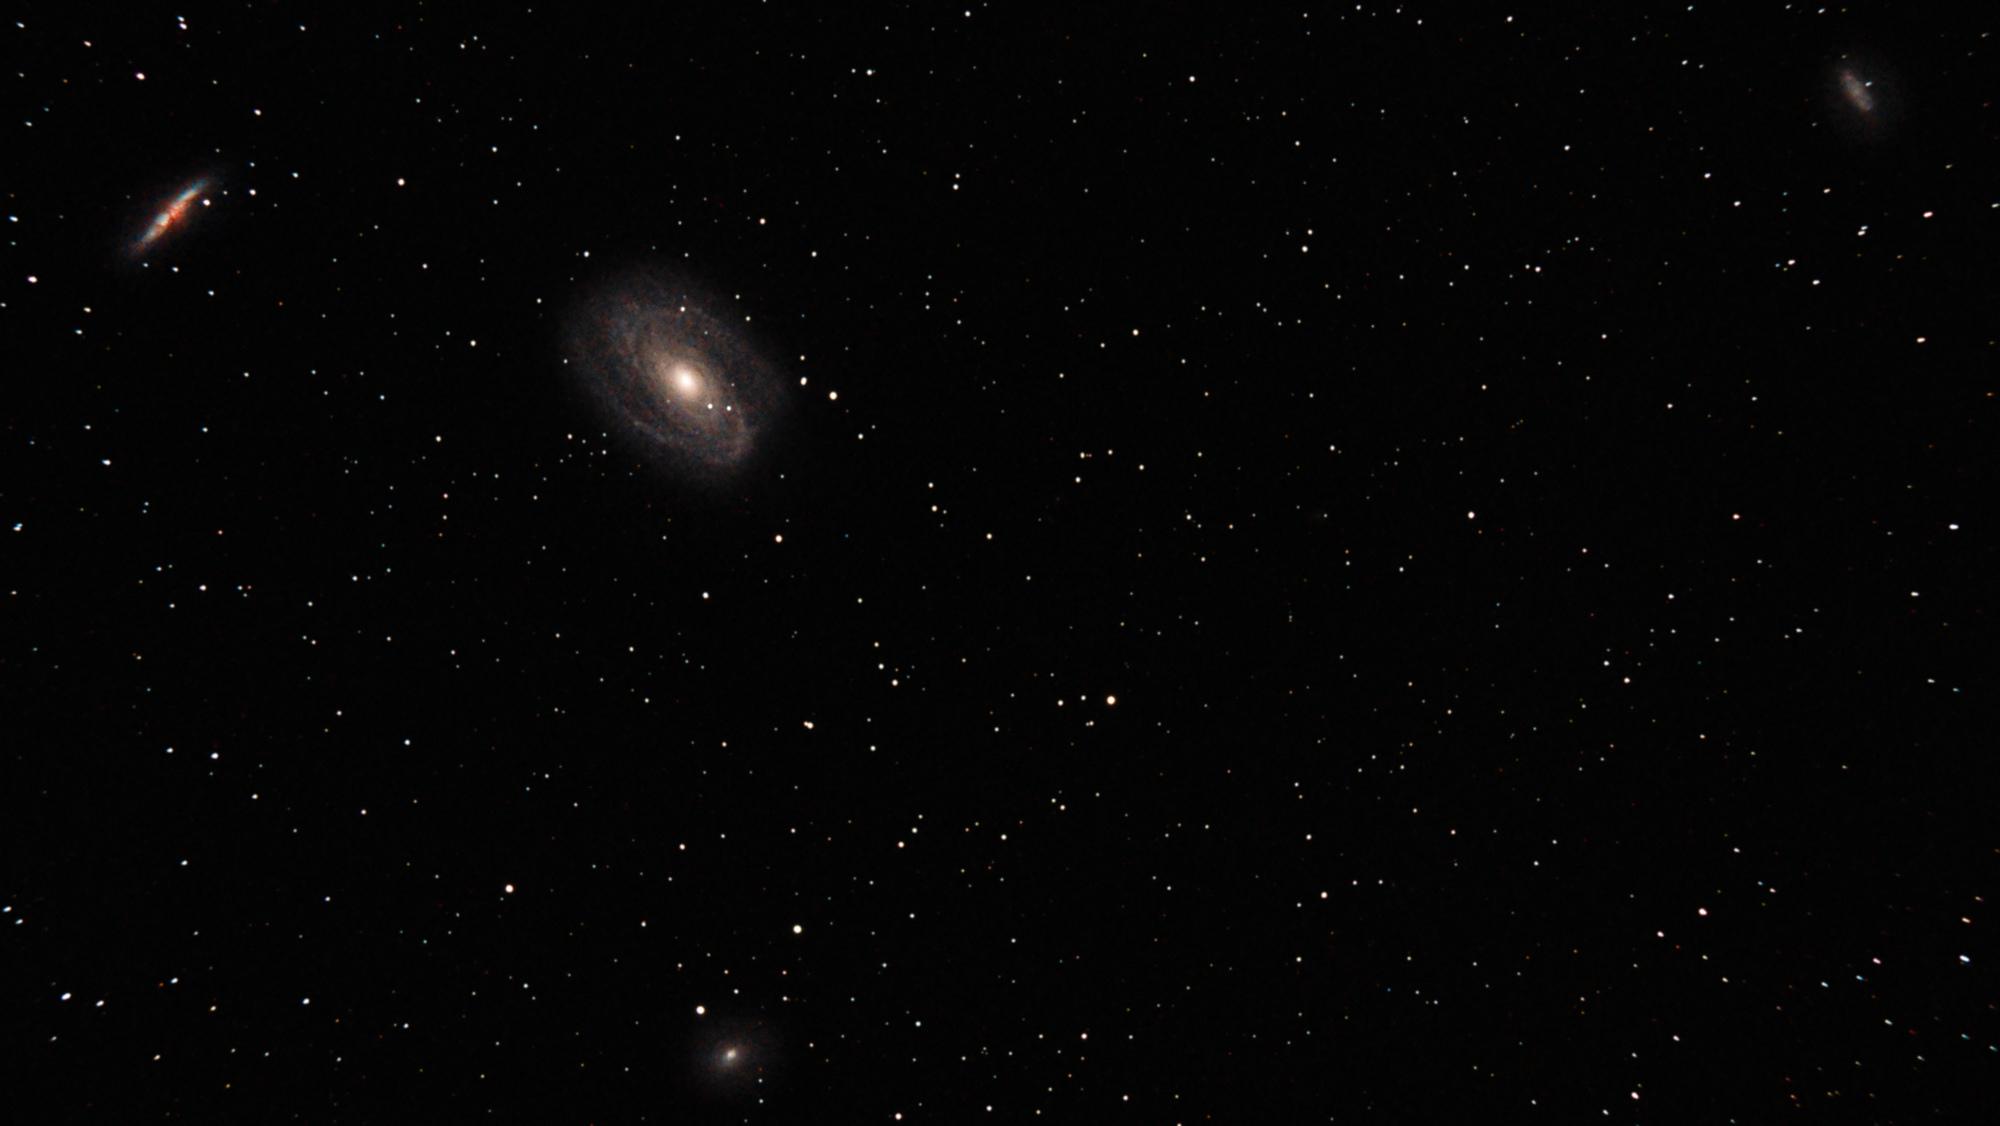 Galaxie Bode M81 28x300s ISO800 - avec flou gaussien sur les étoiles et débruitage.jpg